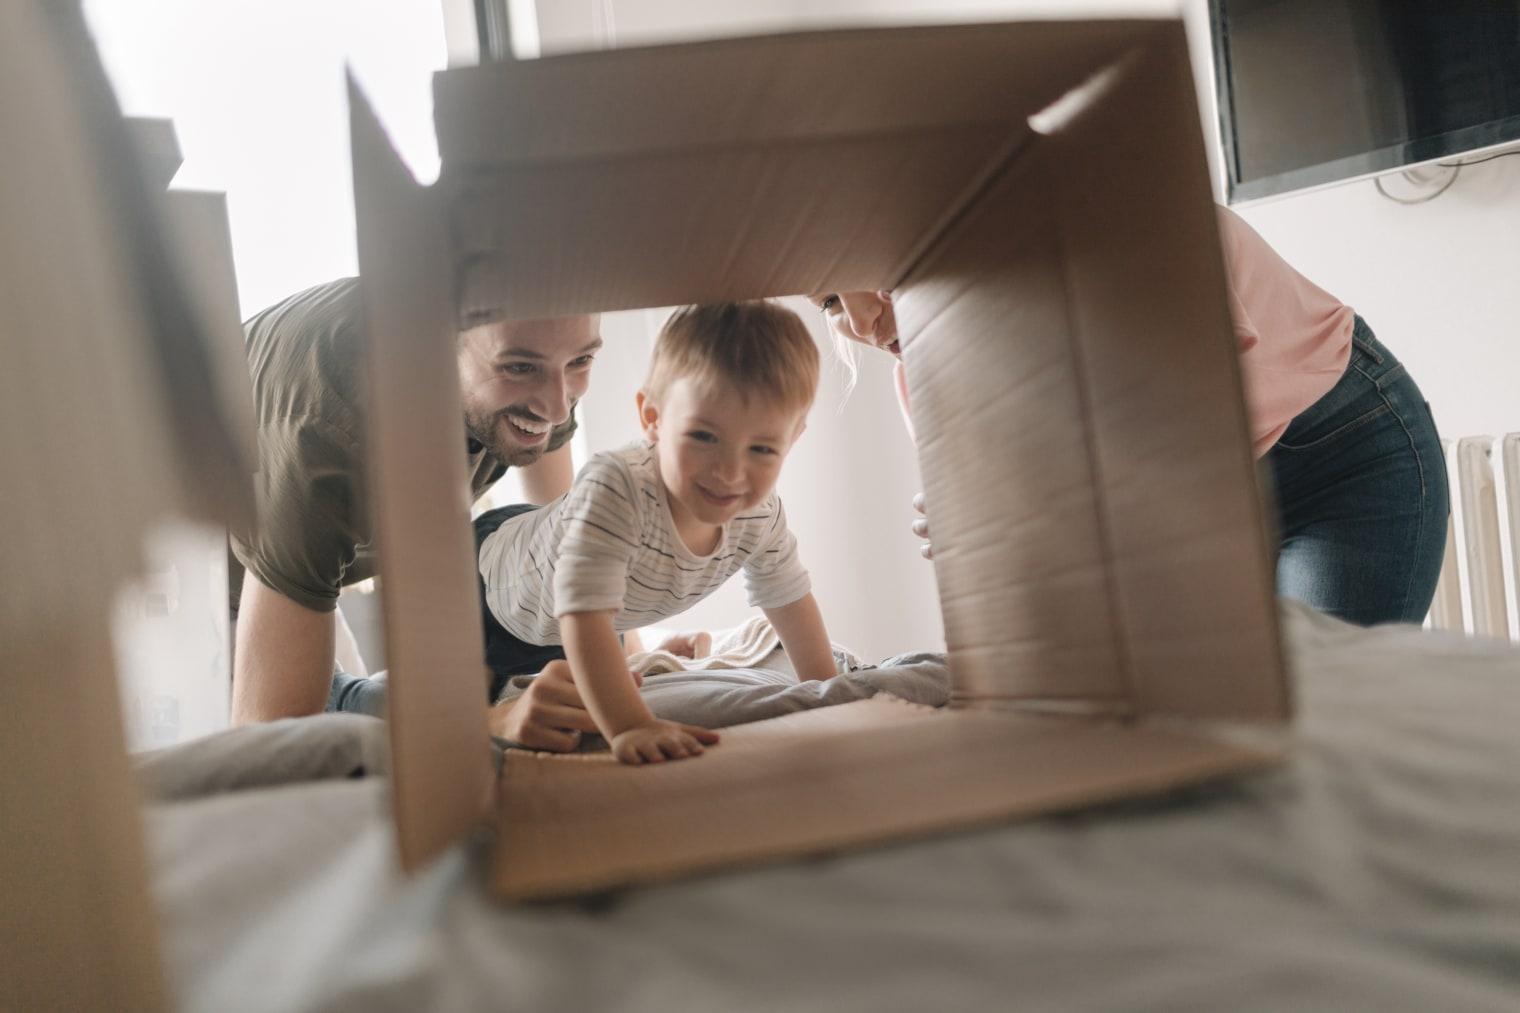 Un bambino gattona dentro un tunnel fatto con una scatola di cartone e sorride, anche l'uomo e la donna alle sue spalle sorridono.